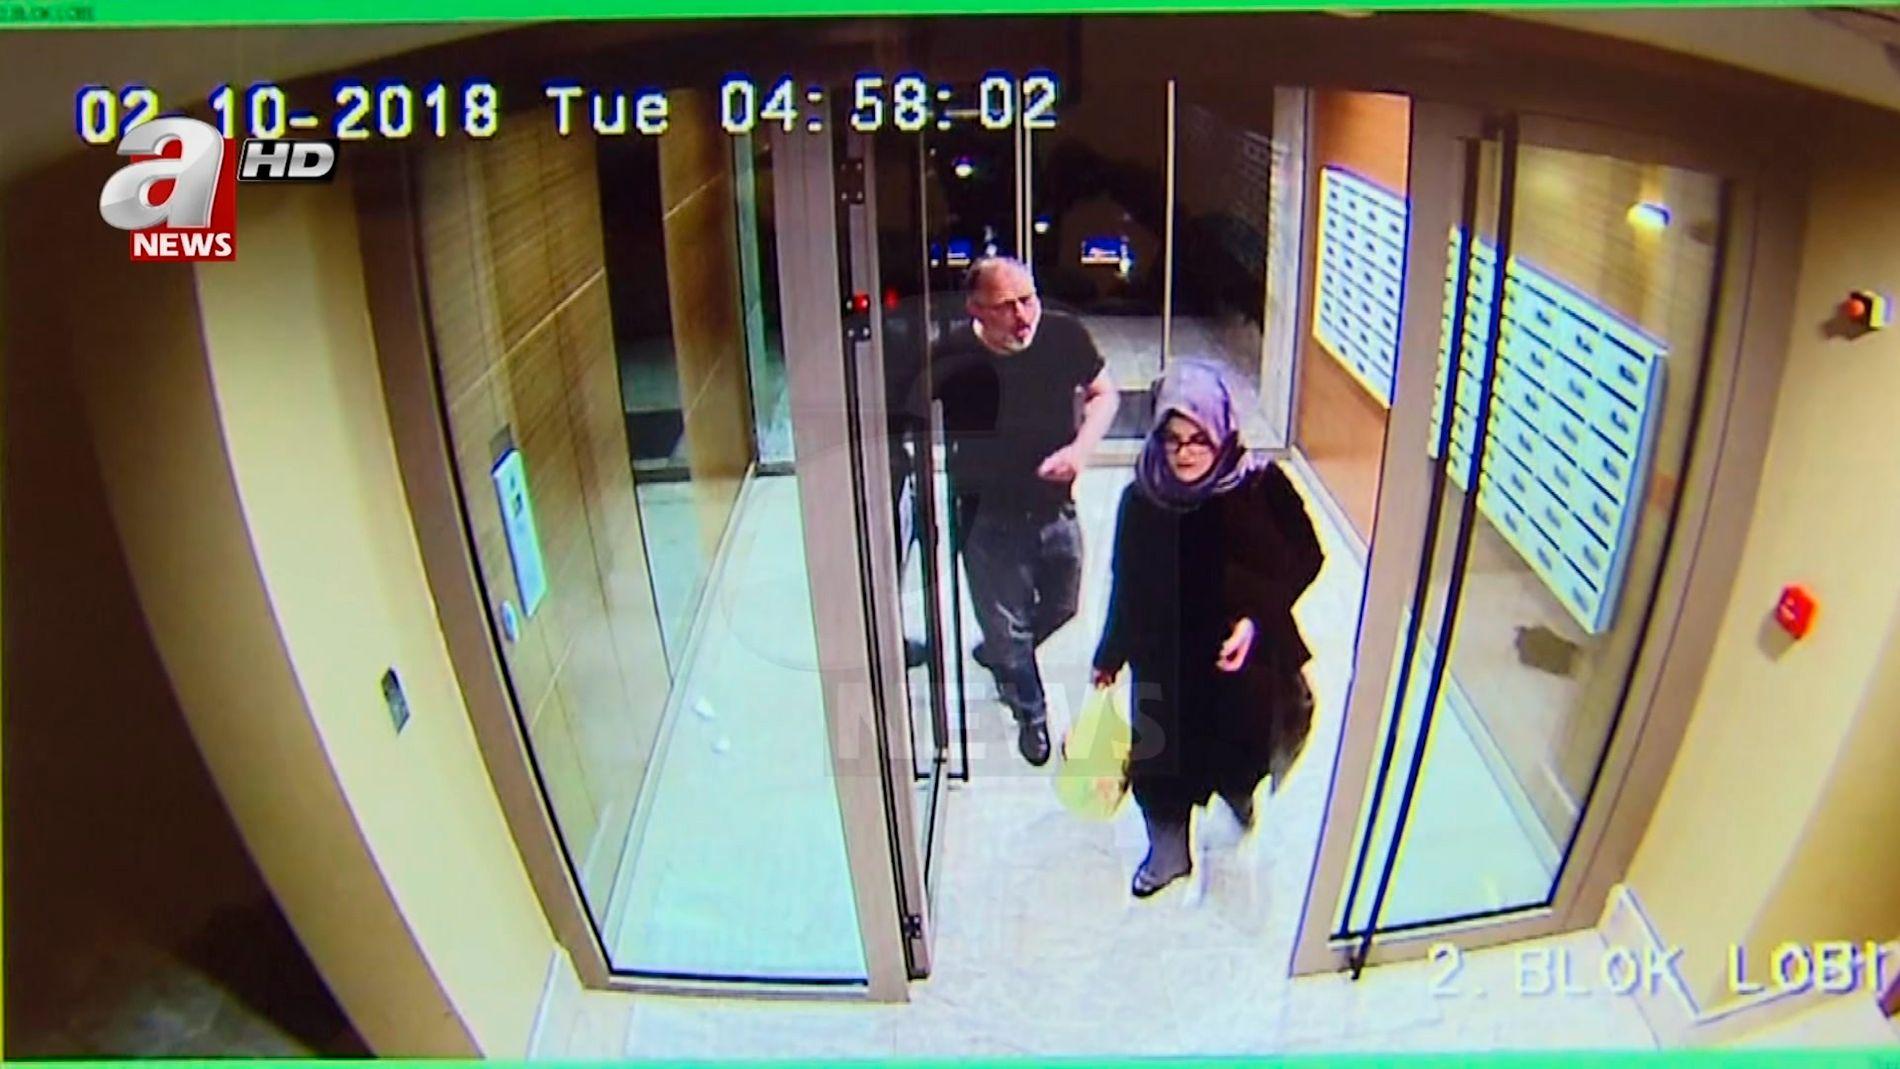 TIMENE FØR: Et overvåkningskamera har fanget opp det forlovede paret Hatice og Jamal i et leilighetskompleks i Istanbul, bare timer før hans død.